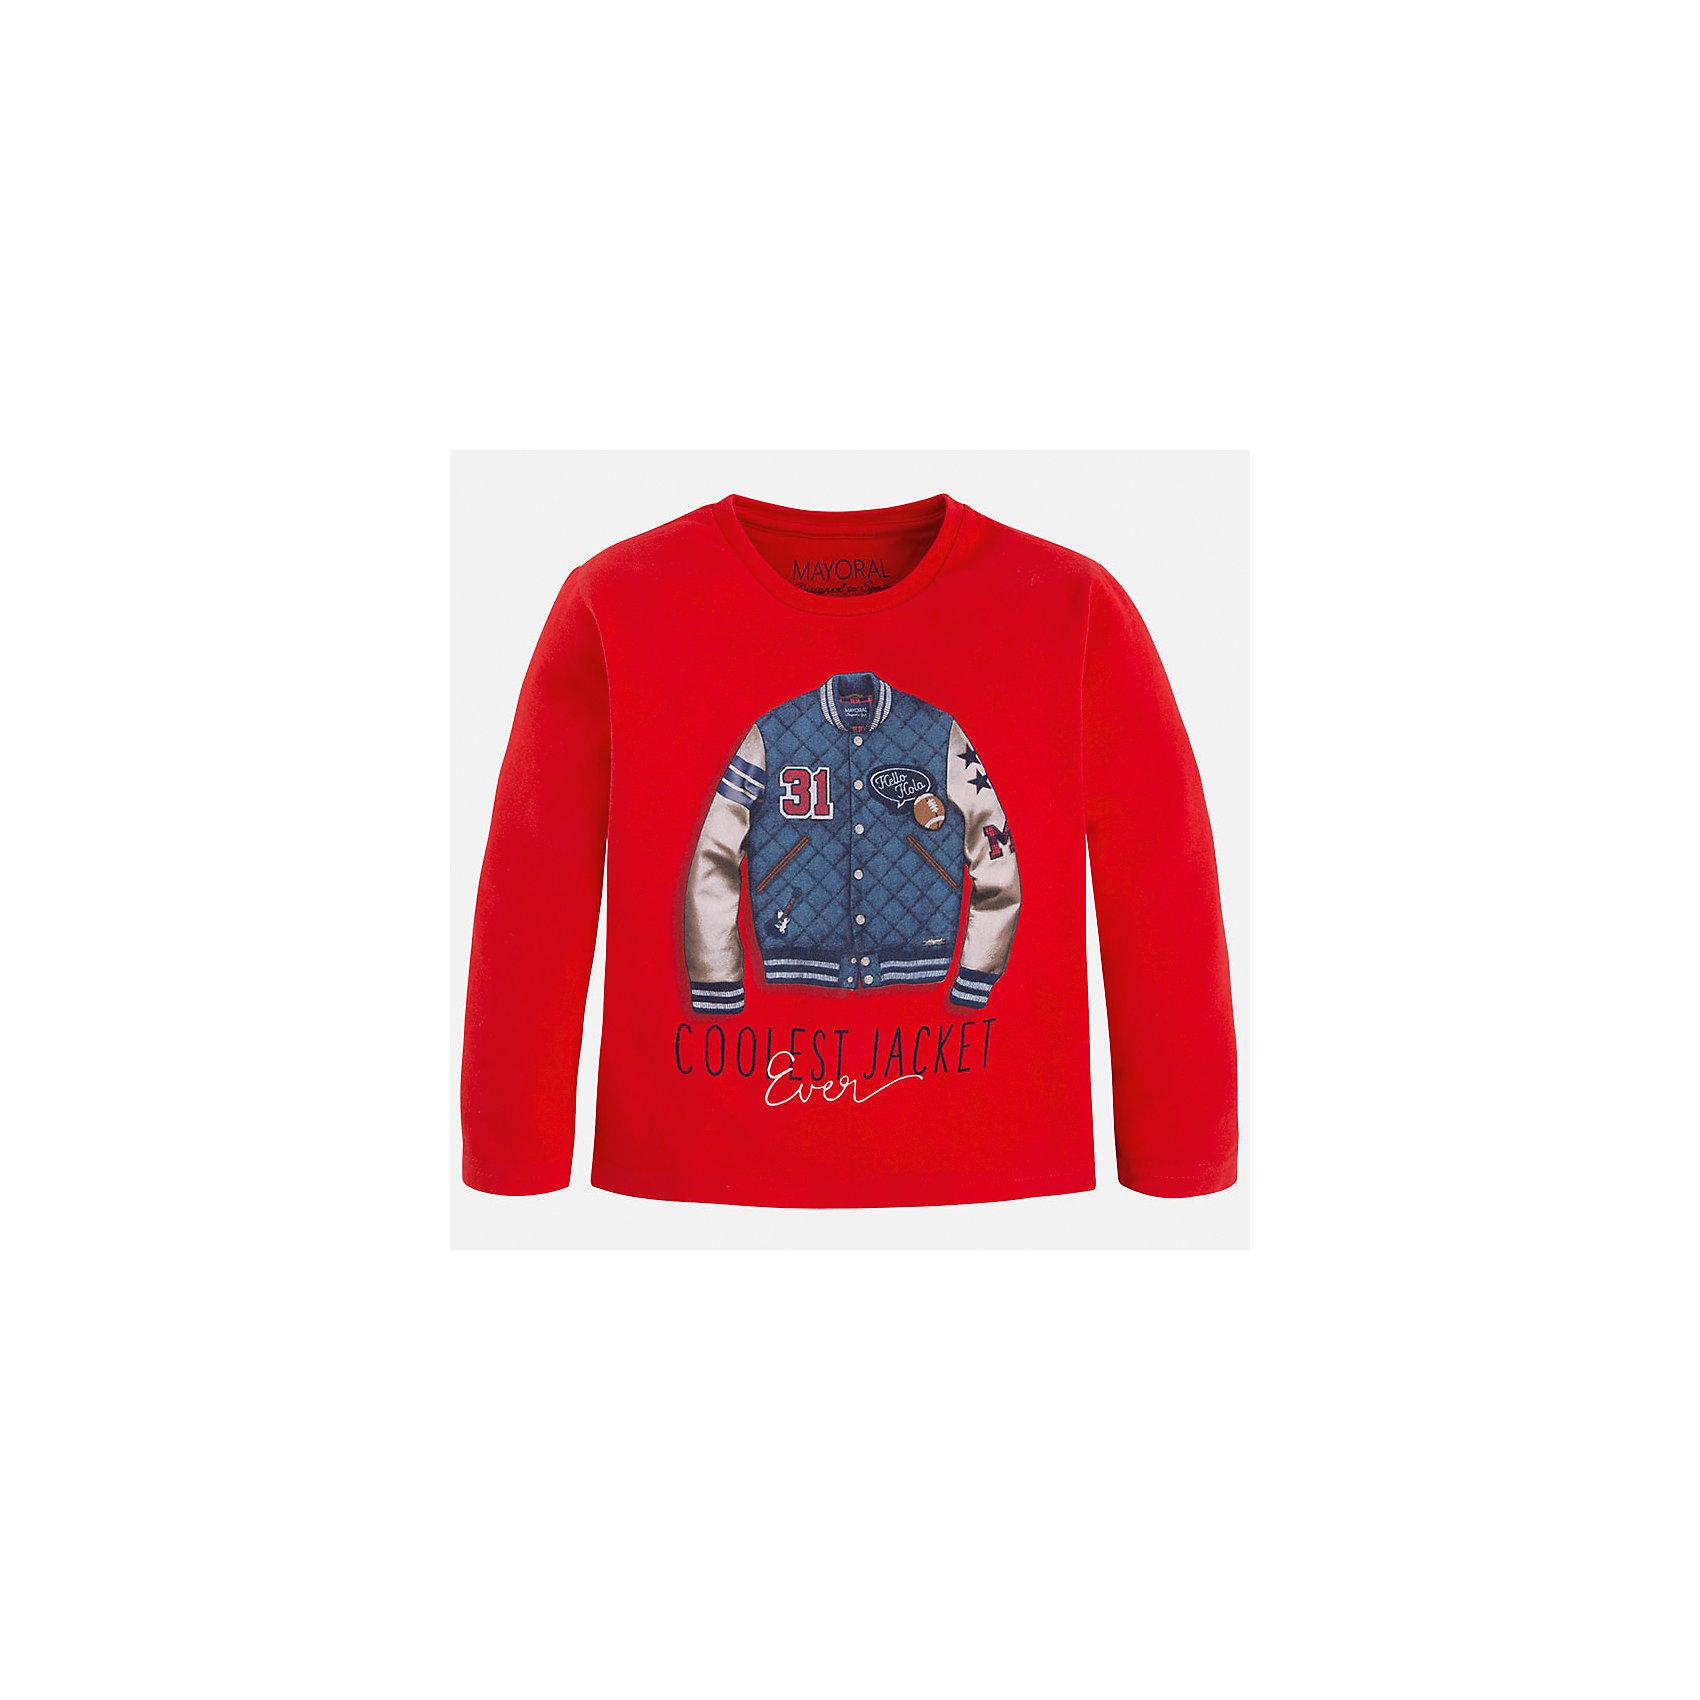 Футболка с длинным рукавом для мальчика MayoralХлопковая футболка с длинными рукавами - это  базовая вещь в любом гардеробе. Благодаря длинным рукавам и легкому составу, ее можно носить в любое время года, а яркий орнамент, подчеркнет индивидуальный стиль Вашего ребенка!<br><br>Дополнительная информация:<br><br>- Крой: прямой крой.<br>- Страна бренда: Испания.<br>- Состав: хлопок 100%.<br>- Цвет: красный.<br>- Уход: бережная стирка при 30 градусах.<br><br>Купить футболку с длинным рукавом для мальчика, от  Mayoral, можно в нашем магазине.<br><br>Ширина мм: 230<br>Глубина мм: 40<br>Высота мм: 220<br>Вес г: 250<br>Цвет: коричневый<br>Возраст от месяцев: 108<br>Возраст до месяцев: 120<br>Пол: Мужской<br>Возраст: Детский<br>Размер: 134,122,116,104,98,110,128<br>SKU: 4821765